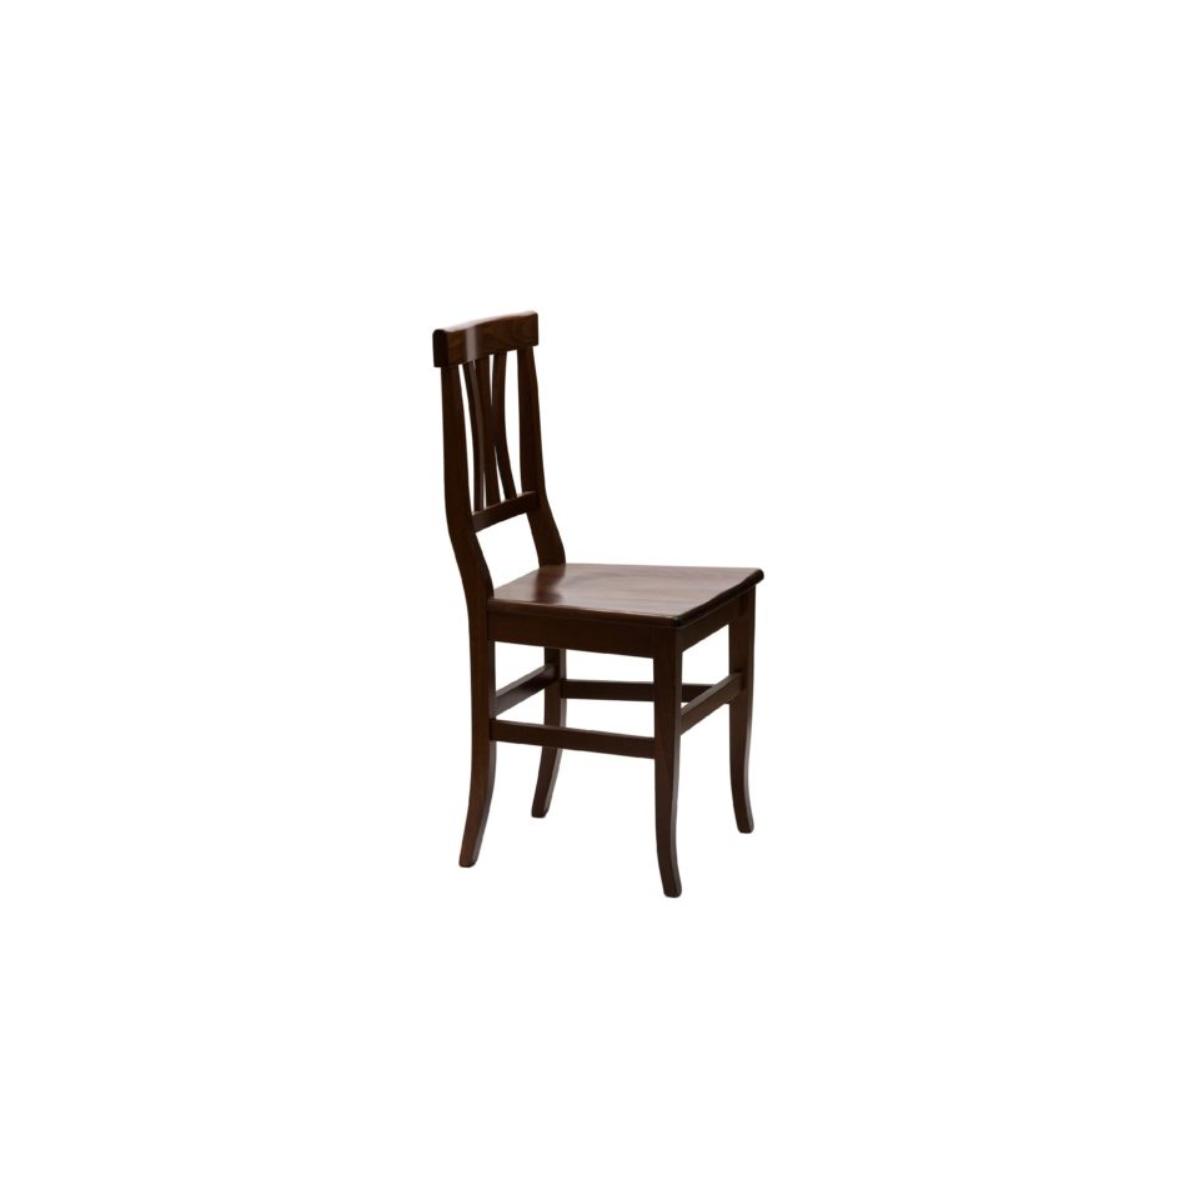 Sedie Classiche In Legno Prezzi.Sedia Modello Vecchio Veneto Art 153 La Seggiola Miglior Prezzo